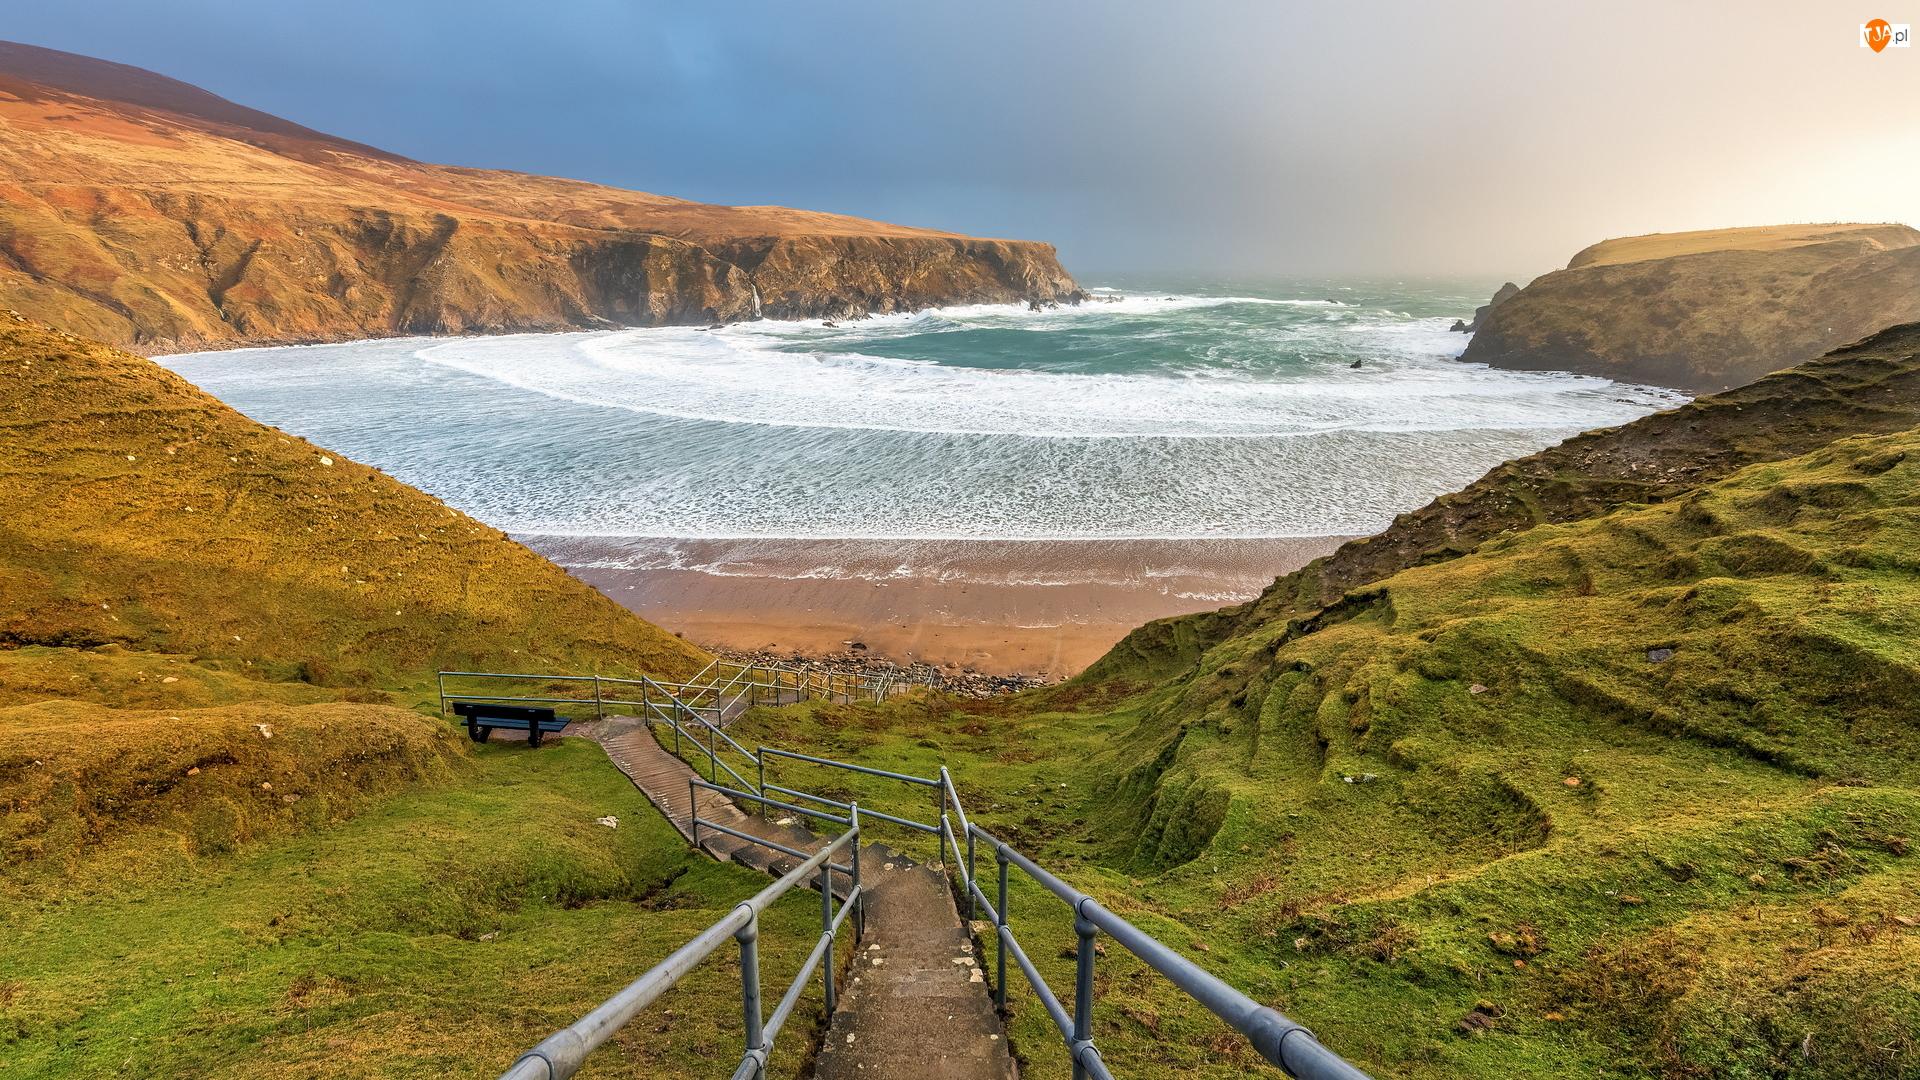 Irlandia, Silver Strand Horseshoe Beach, Malin Beg, Plaża, Barierki, Zejście, Zatoka, Morze, Klify, Hrabstwo Donegal